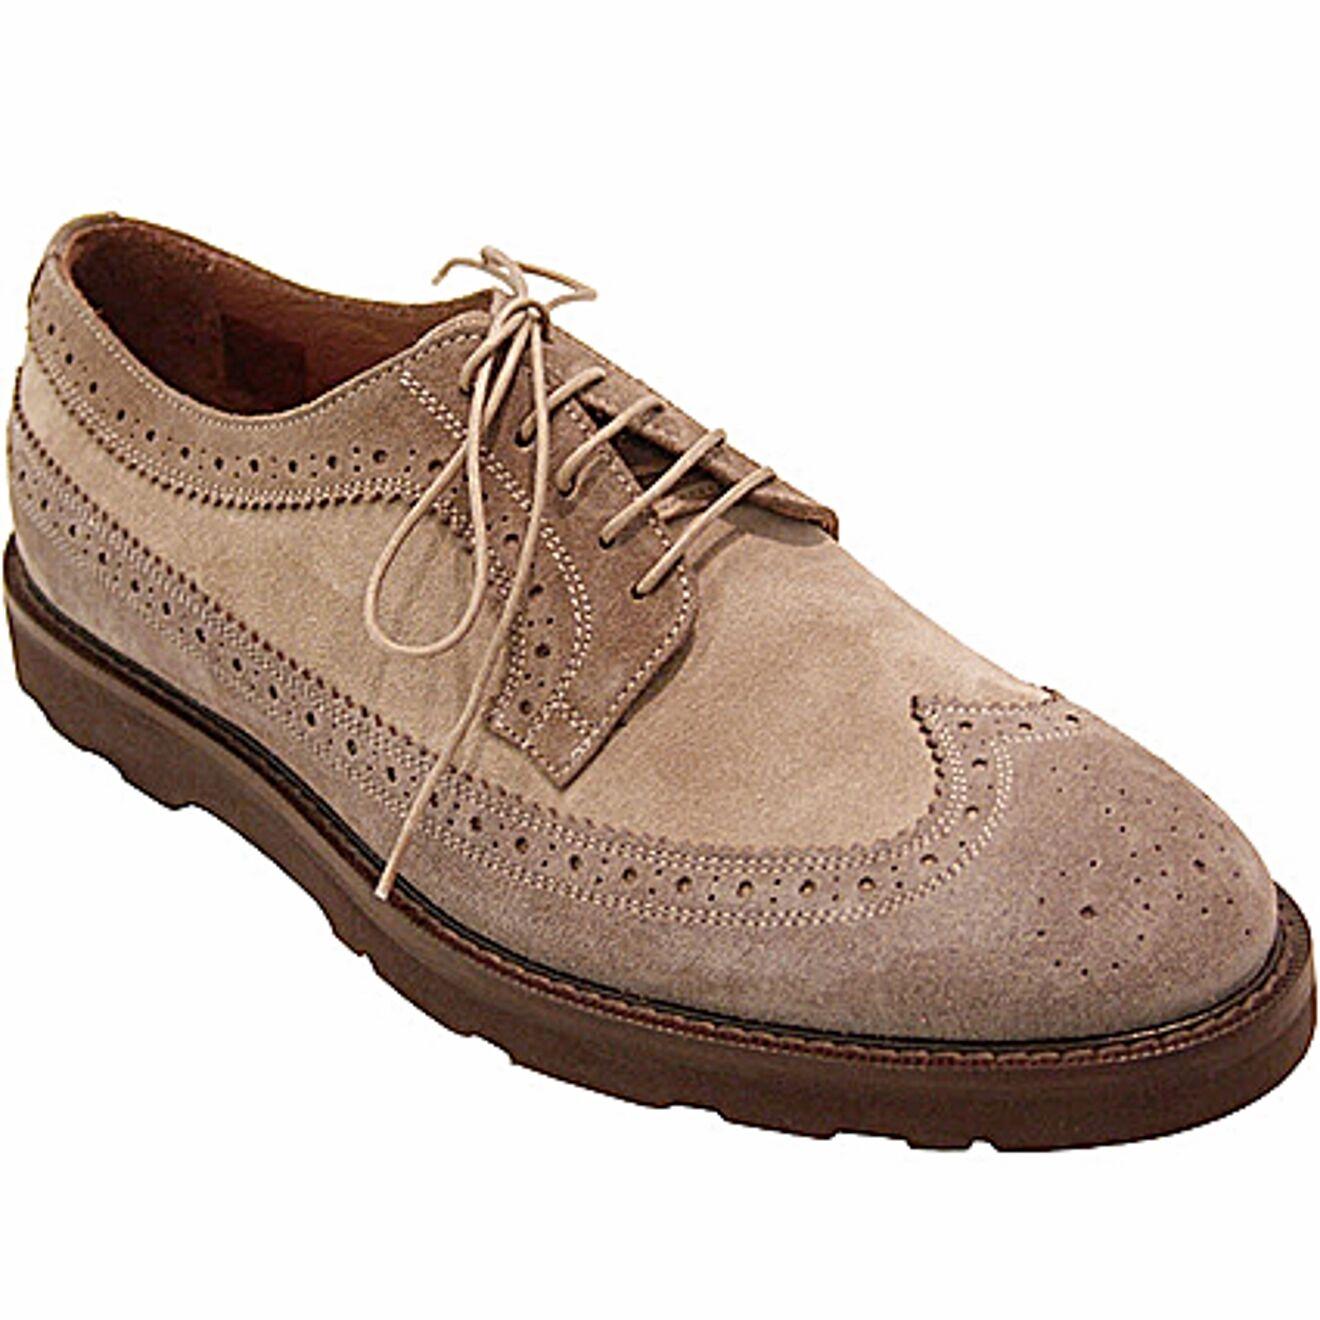 Monsieur Madame Paul Smith Attachée Grand chaussures Résistant à l'usure l'usure l'usure Laissons nos biens aller au monde Braderie ebc06c